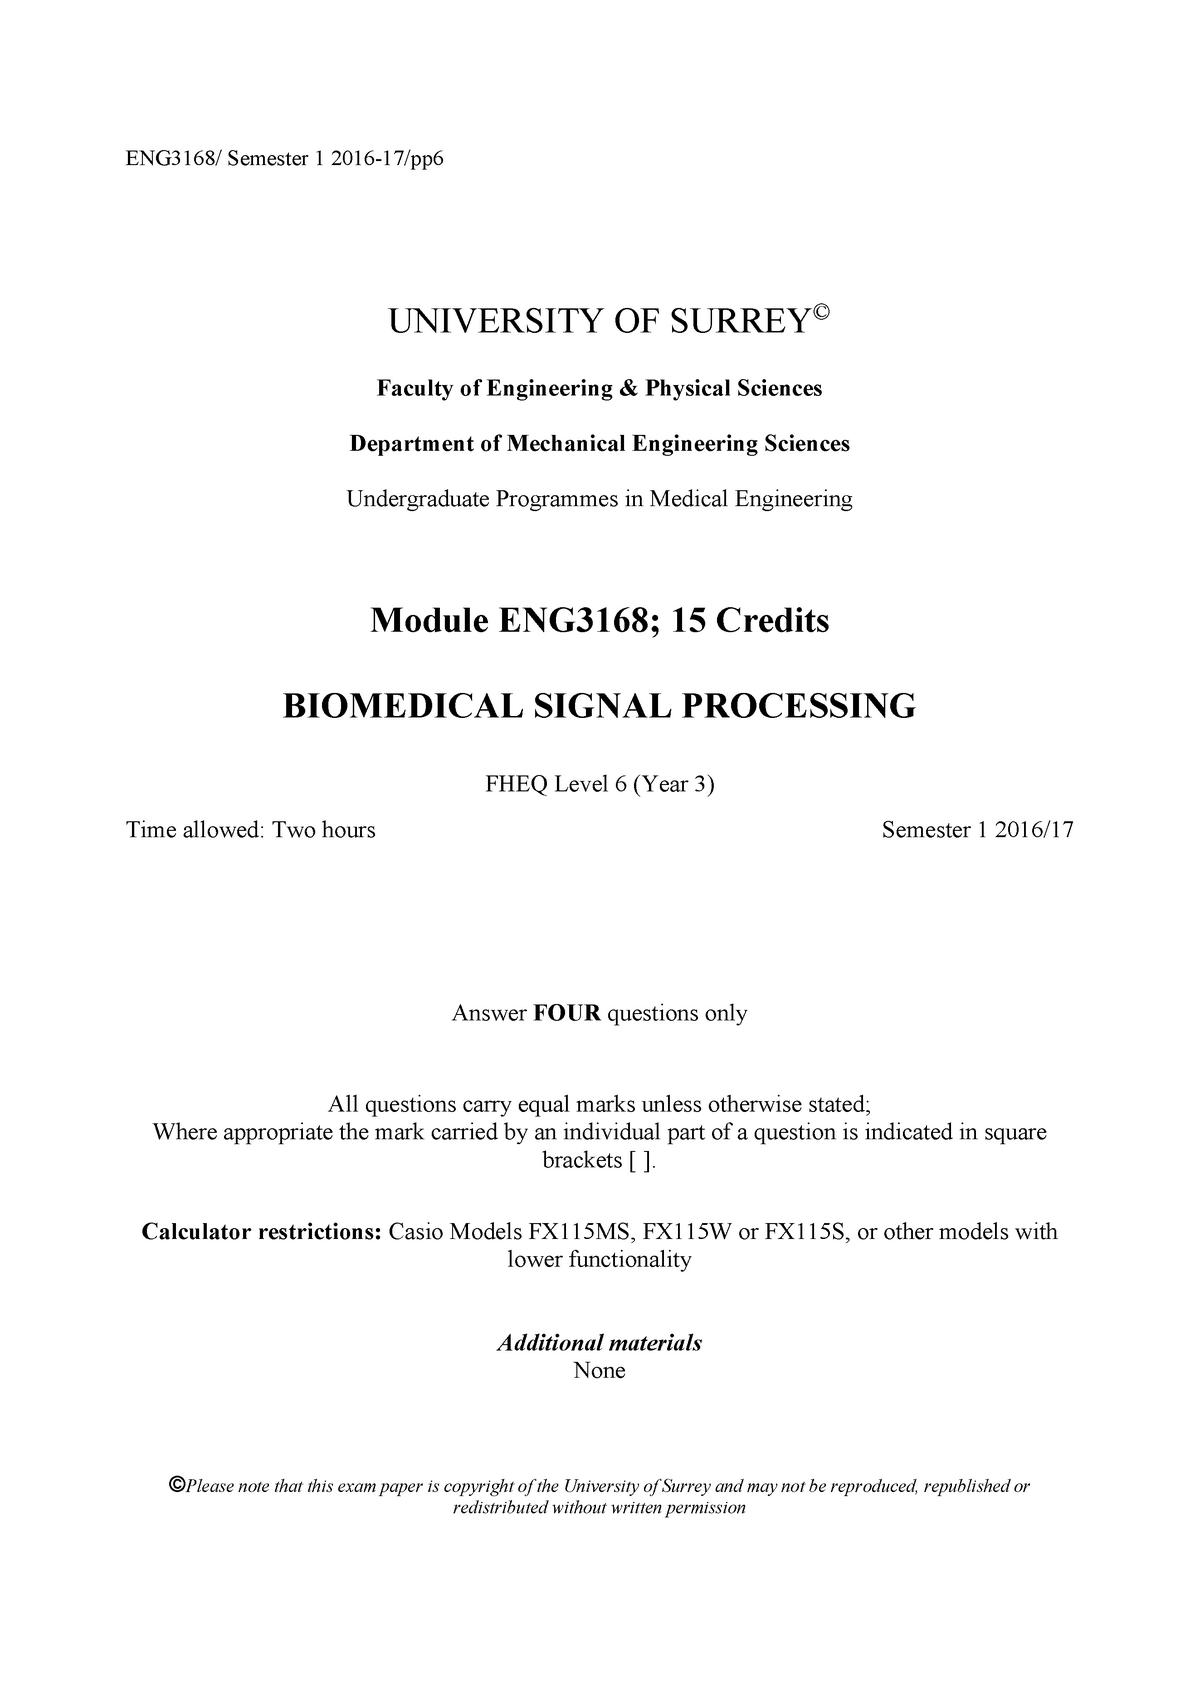 Eng3168 Biomedical Signal Processing 2016 17 Studocu